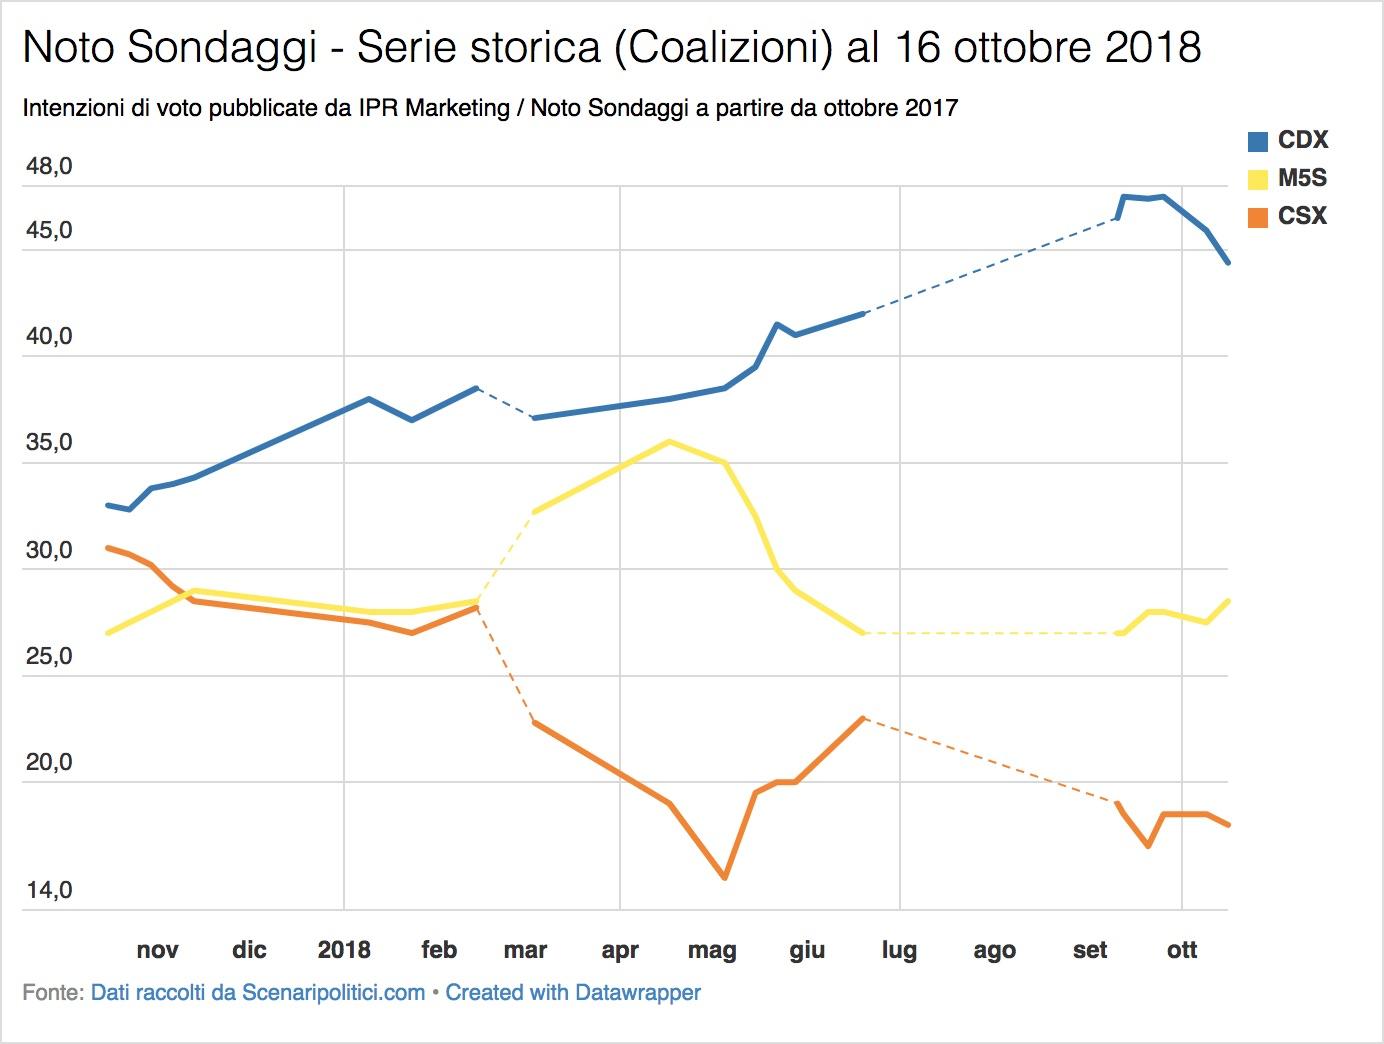 Sondaggio Noto (16 ottobre 2018)